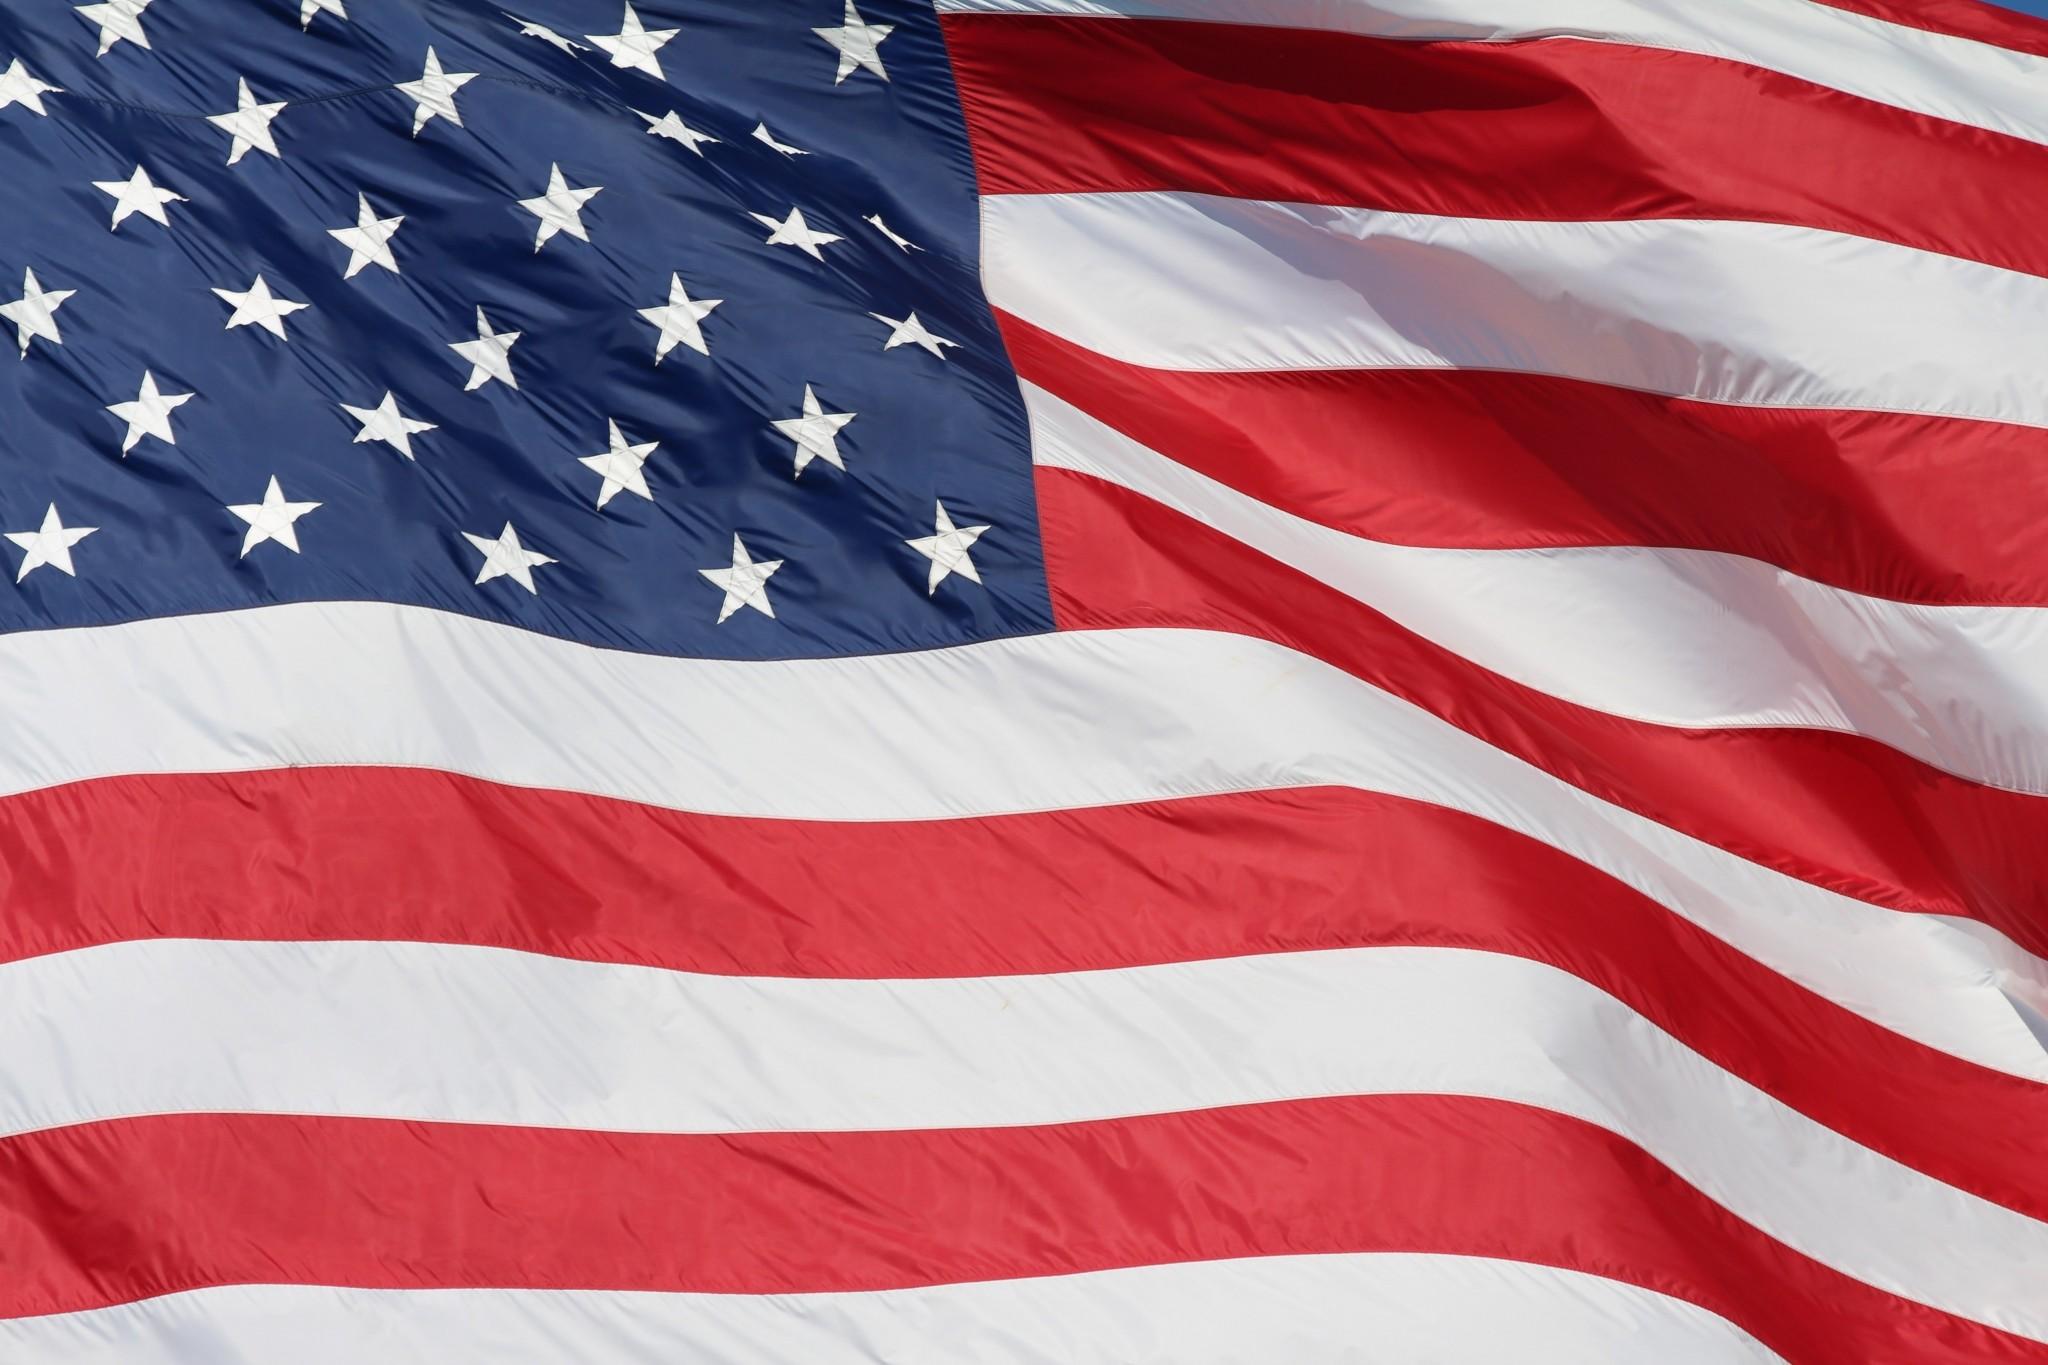 Flag Desktop Background: Wallpaper Mac USA Flag (63+ Images